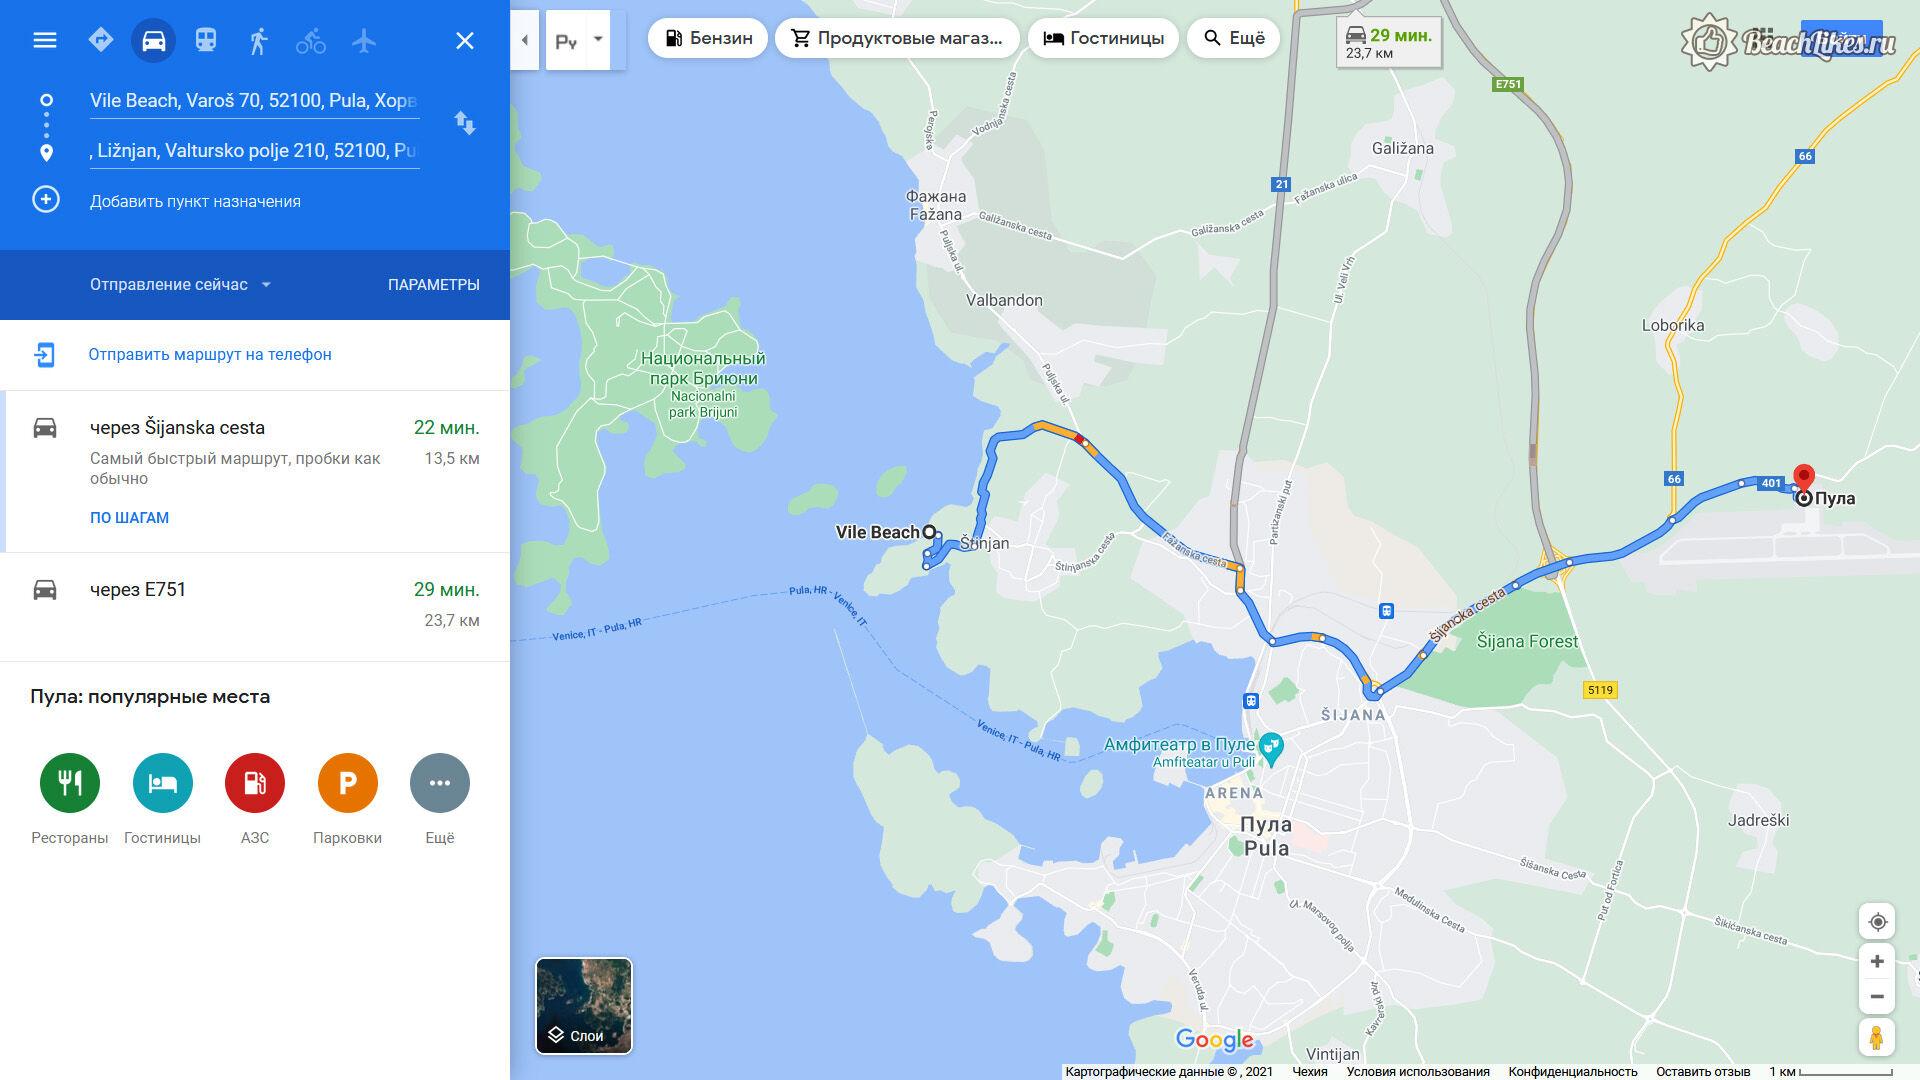 Пляж Виле у города Пула где находится и точка на карте